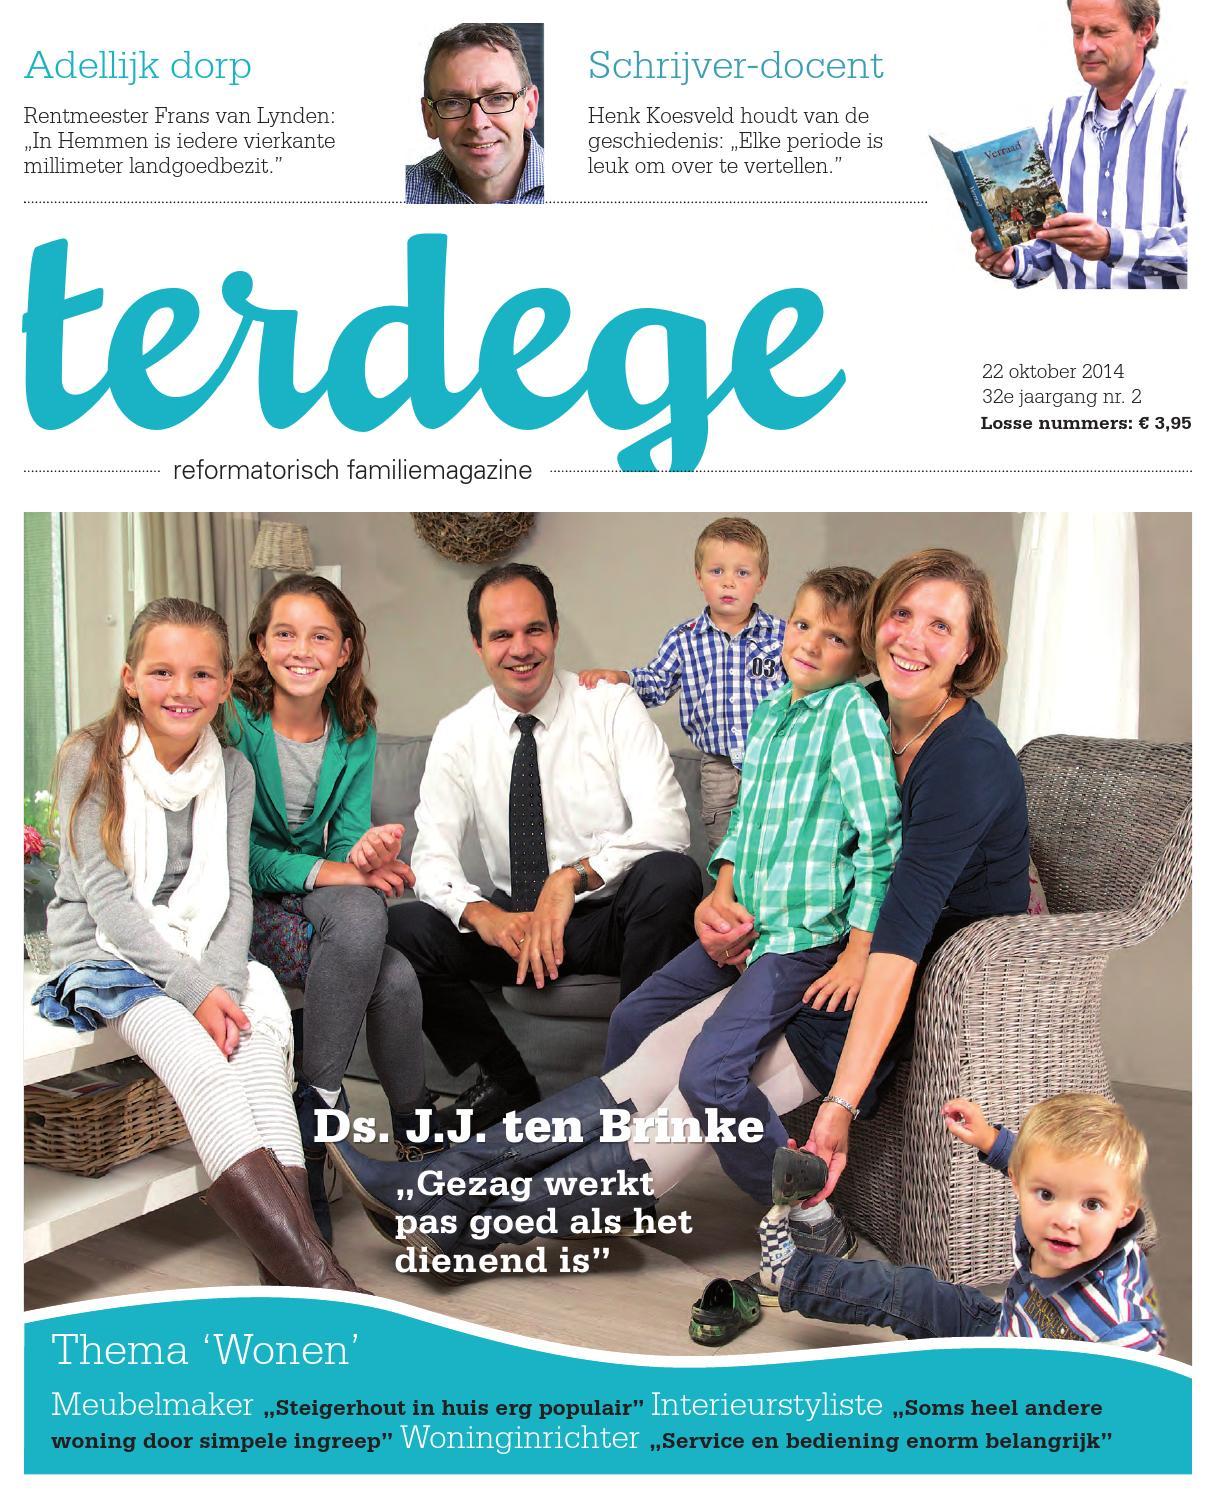 Terdege 22 oktober 2014 by Erdee Media Groep  Issuu